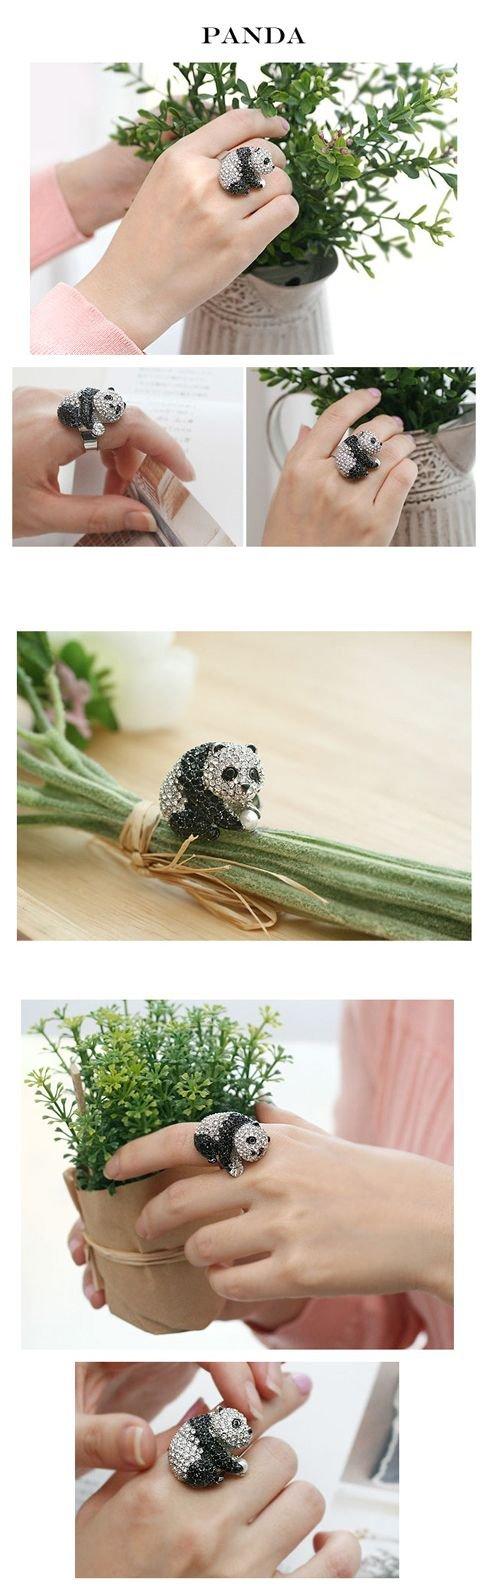 Кольцо из страз Панда 65грн